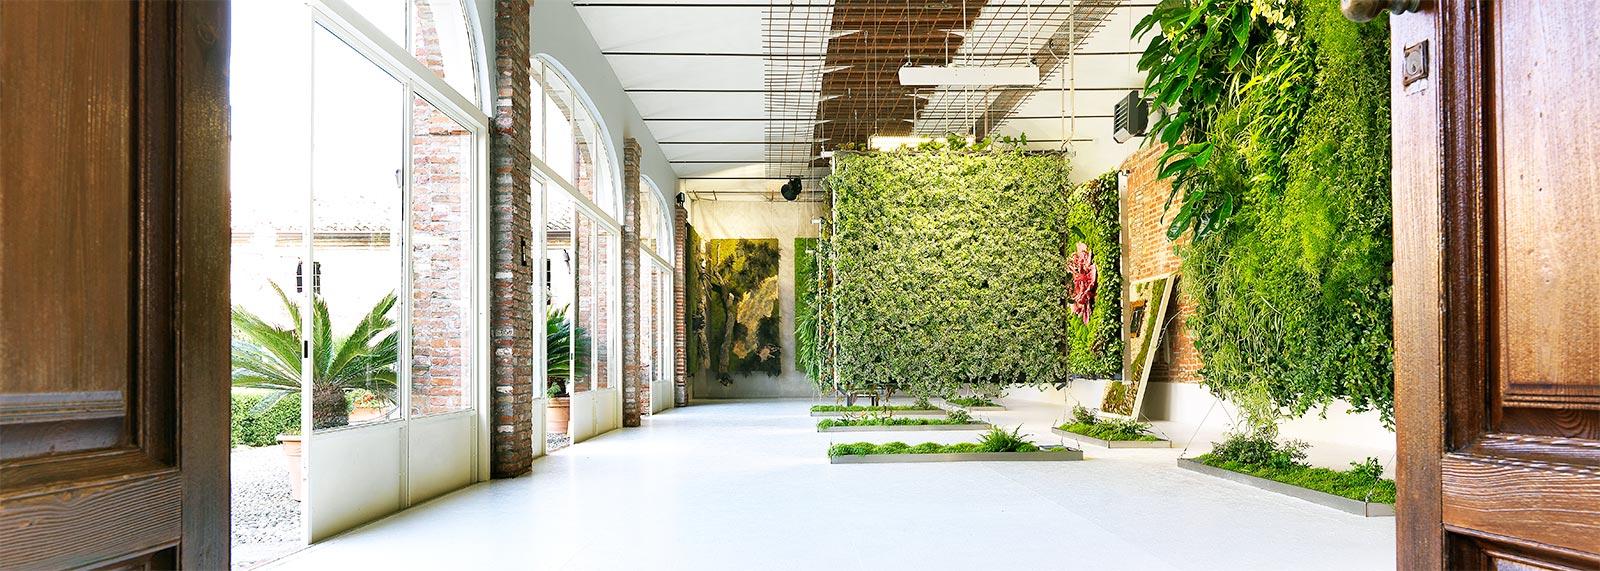 Pareti Giardini Verticali: Pareti giardini verticali giardino verticale con s...